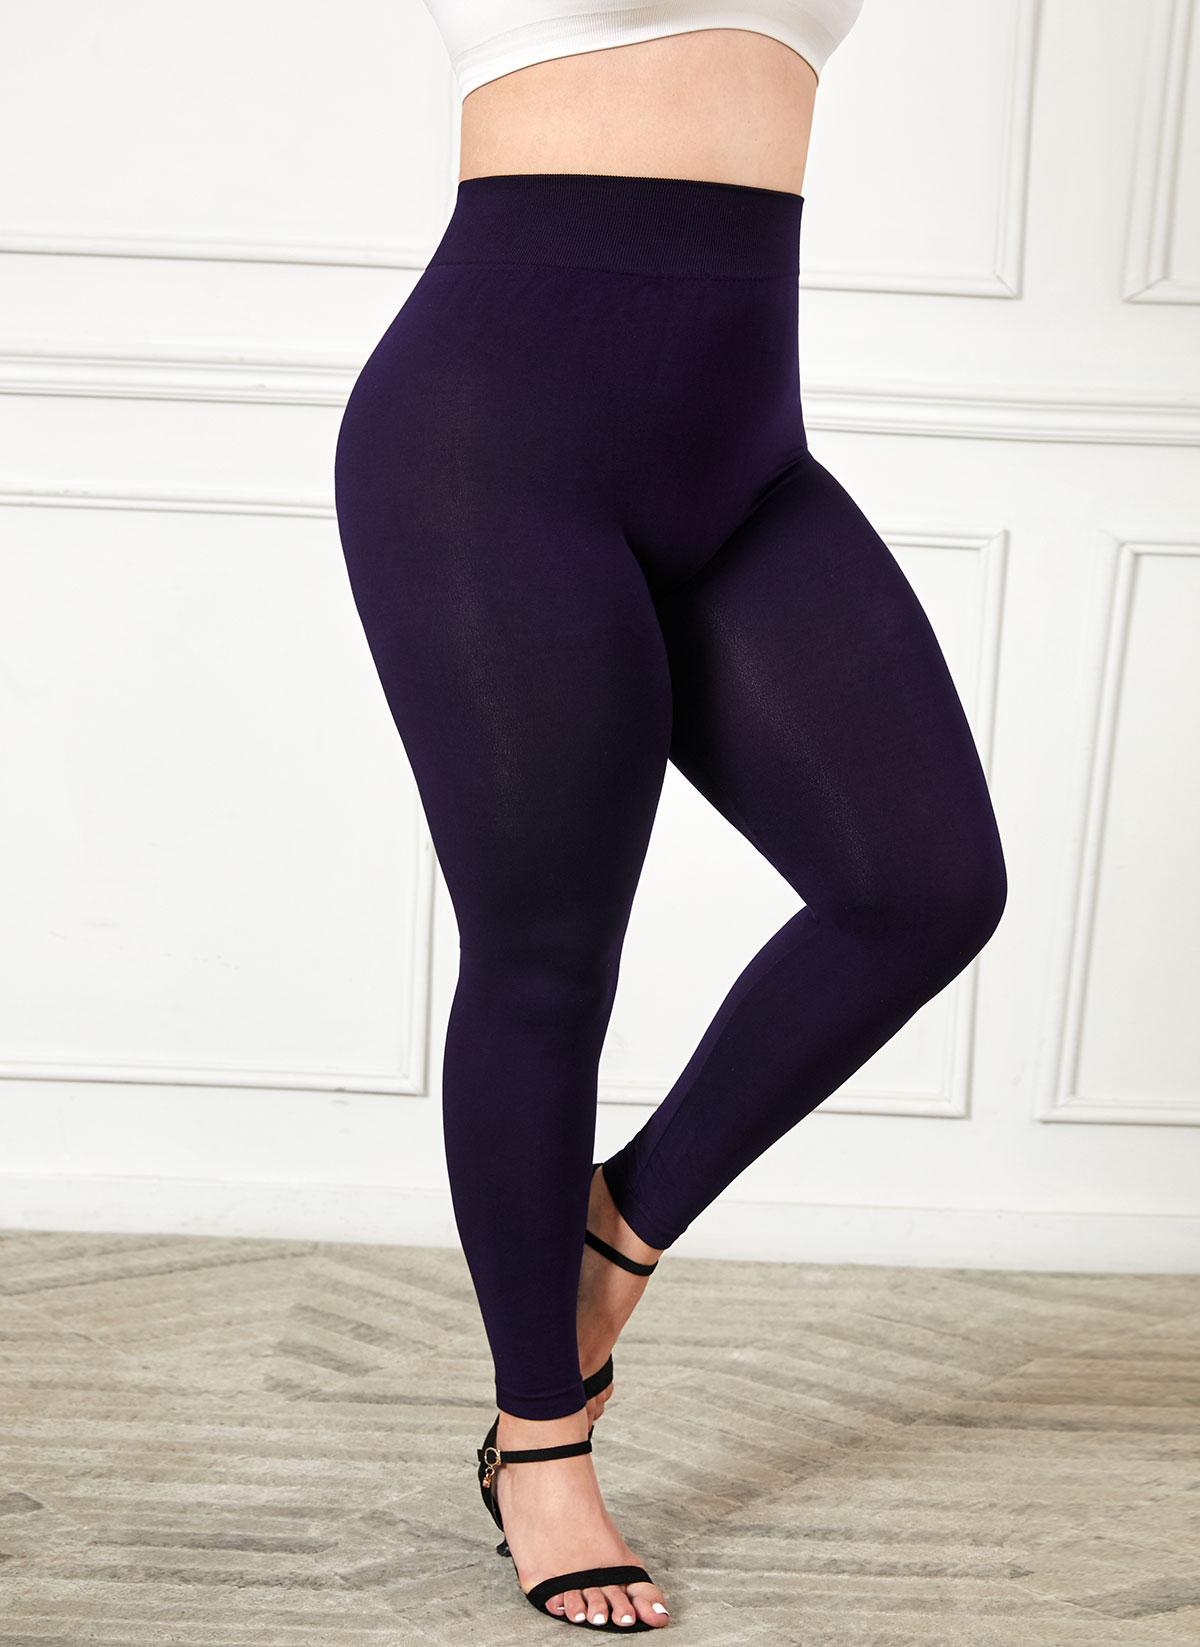 Super Elastic High Waist Plus Size Legging